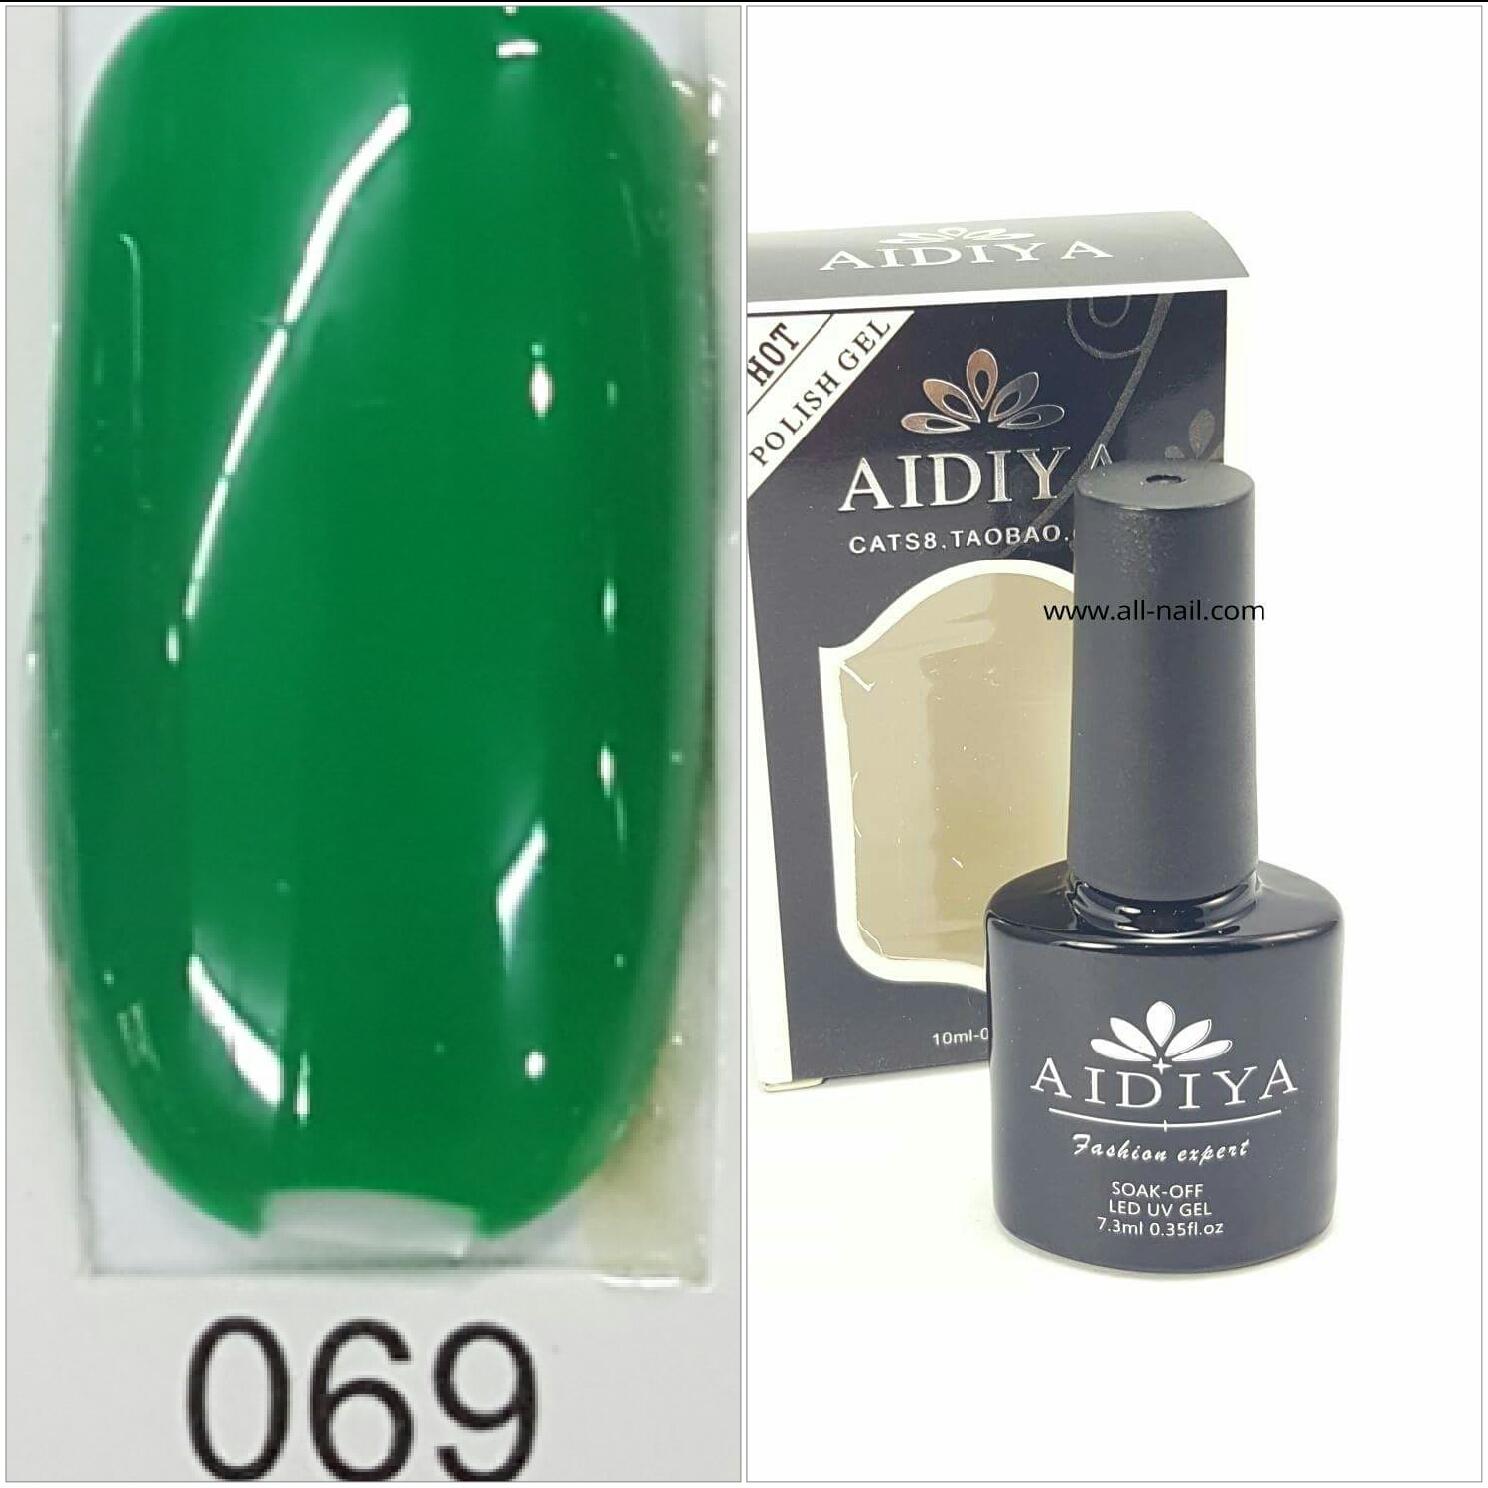 สีเจลทาเล็บ AIDIYA #069